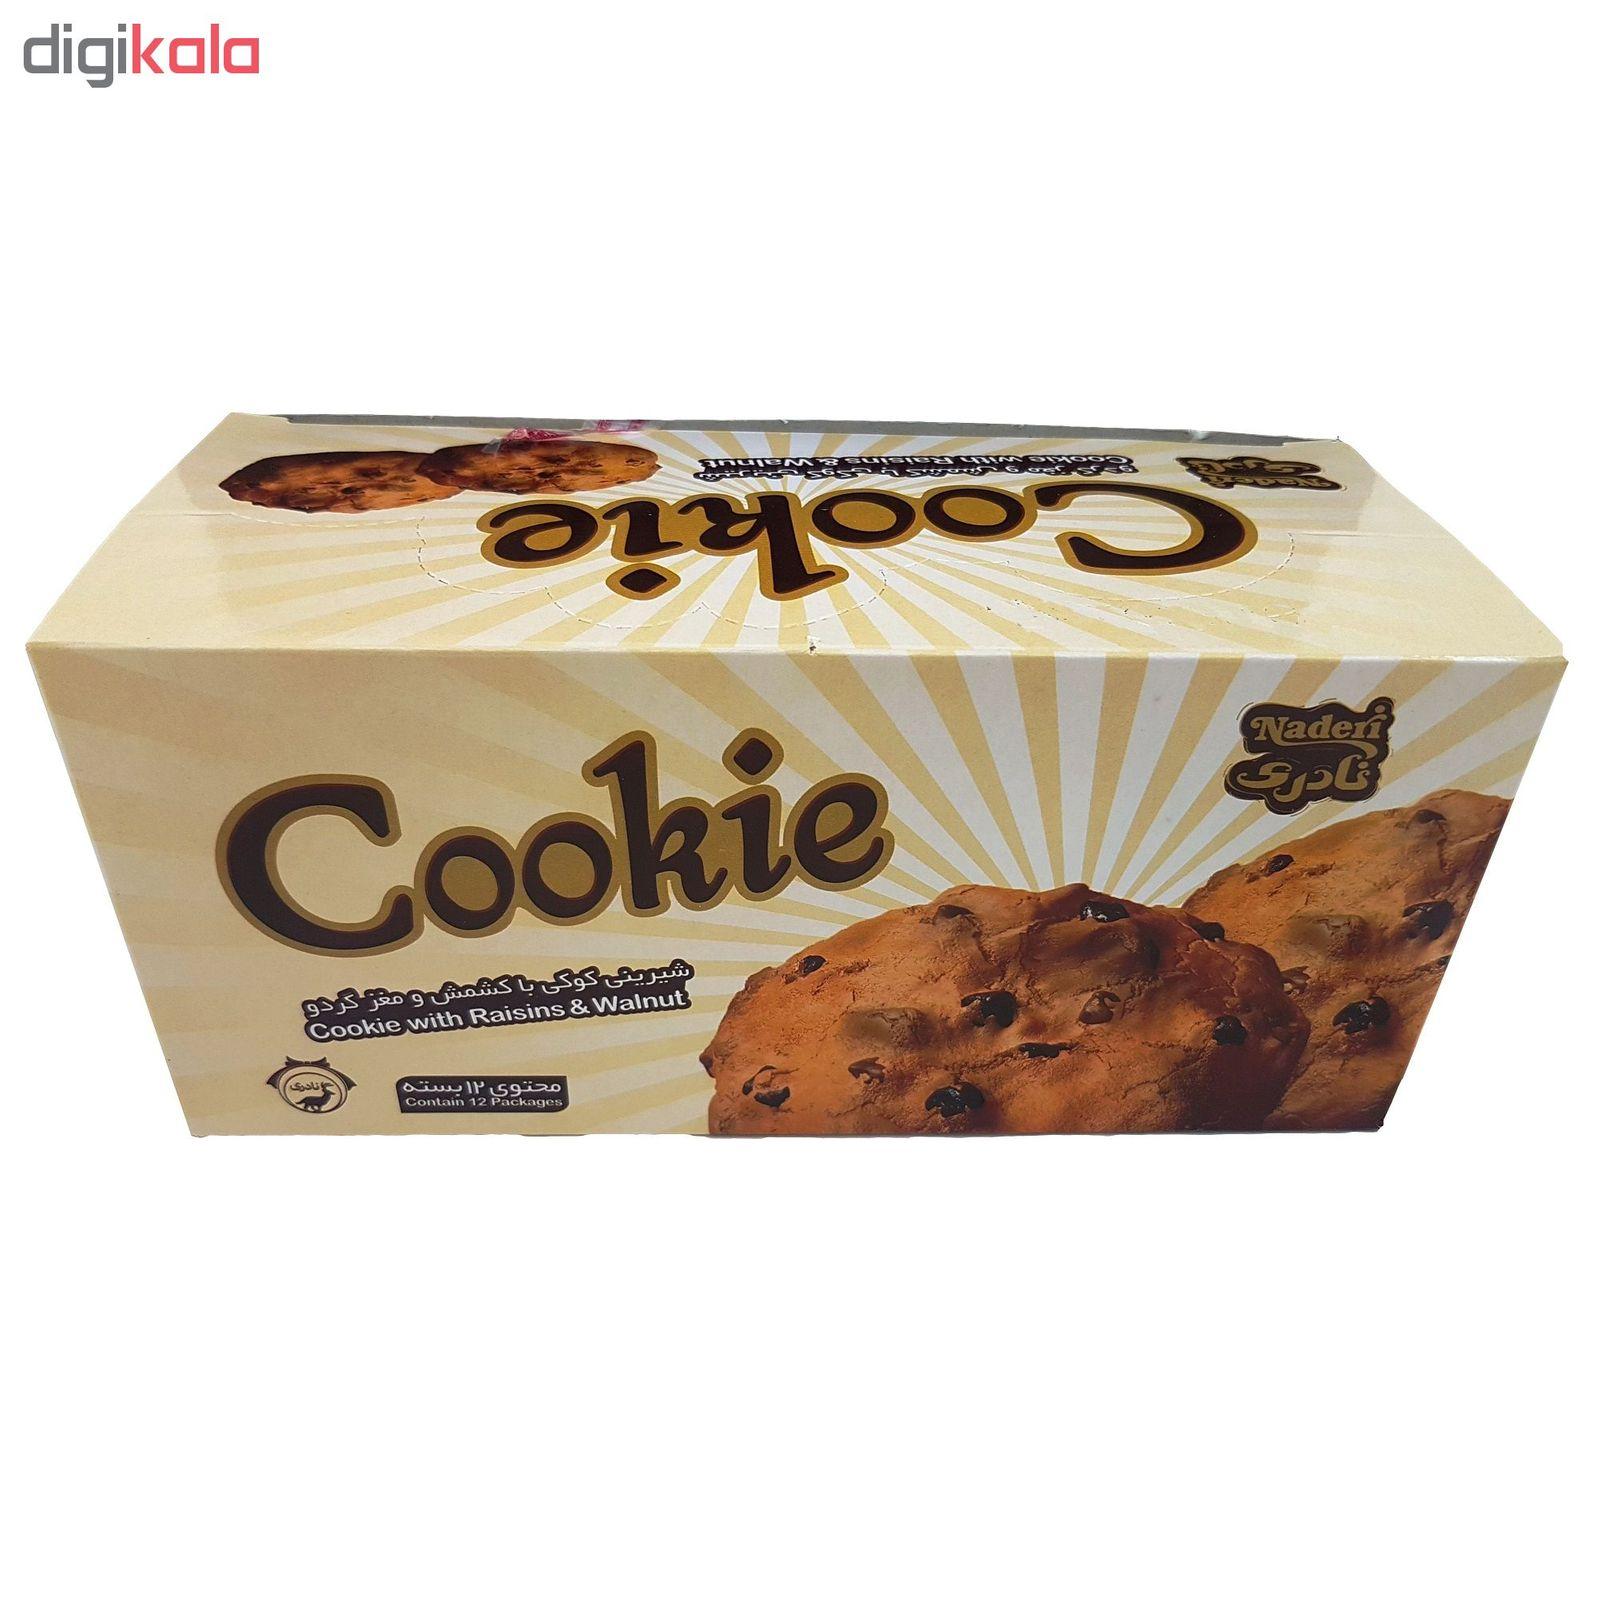 شیرینی کوکی با کشمش و مغز گردو نادری مقدار 40 گرم بسته 12 عددی main 1 3